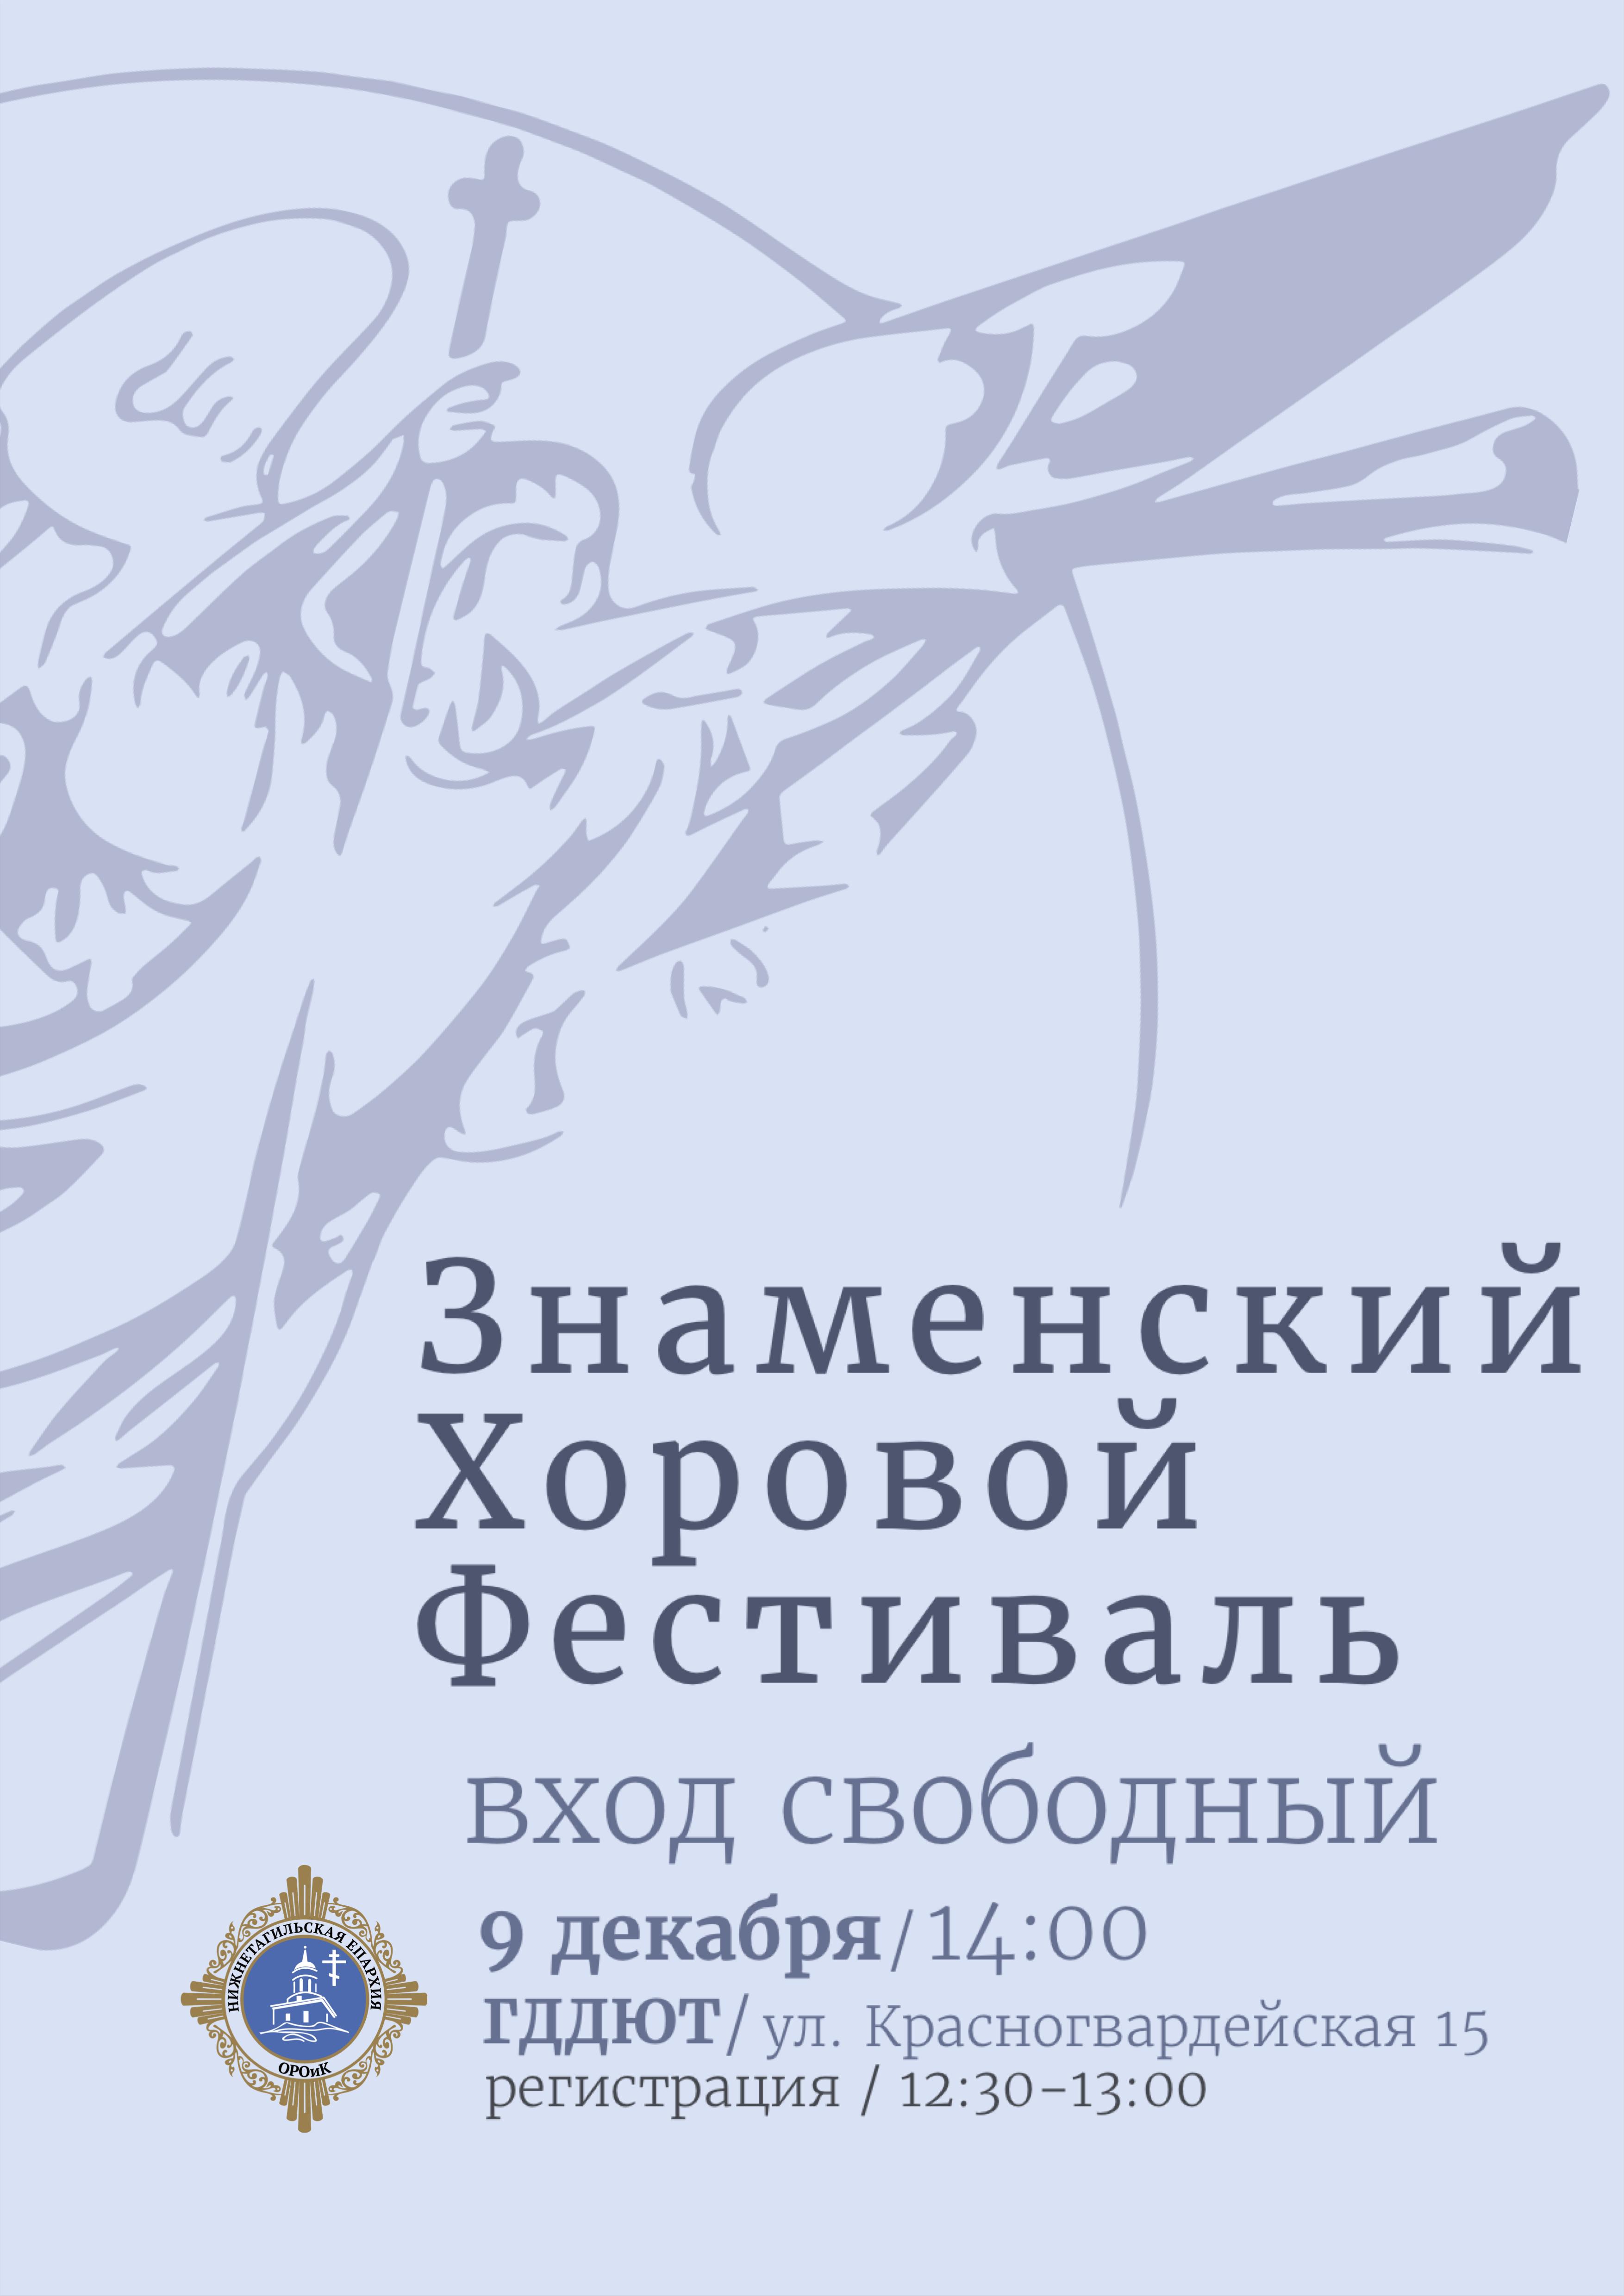 Знаменский фестиваль - праздник духовной музыки